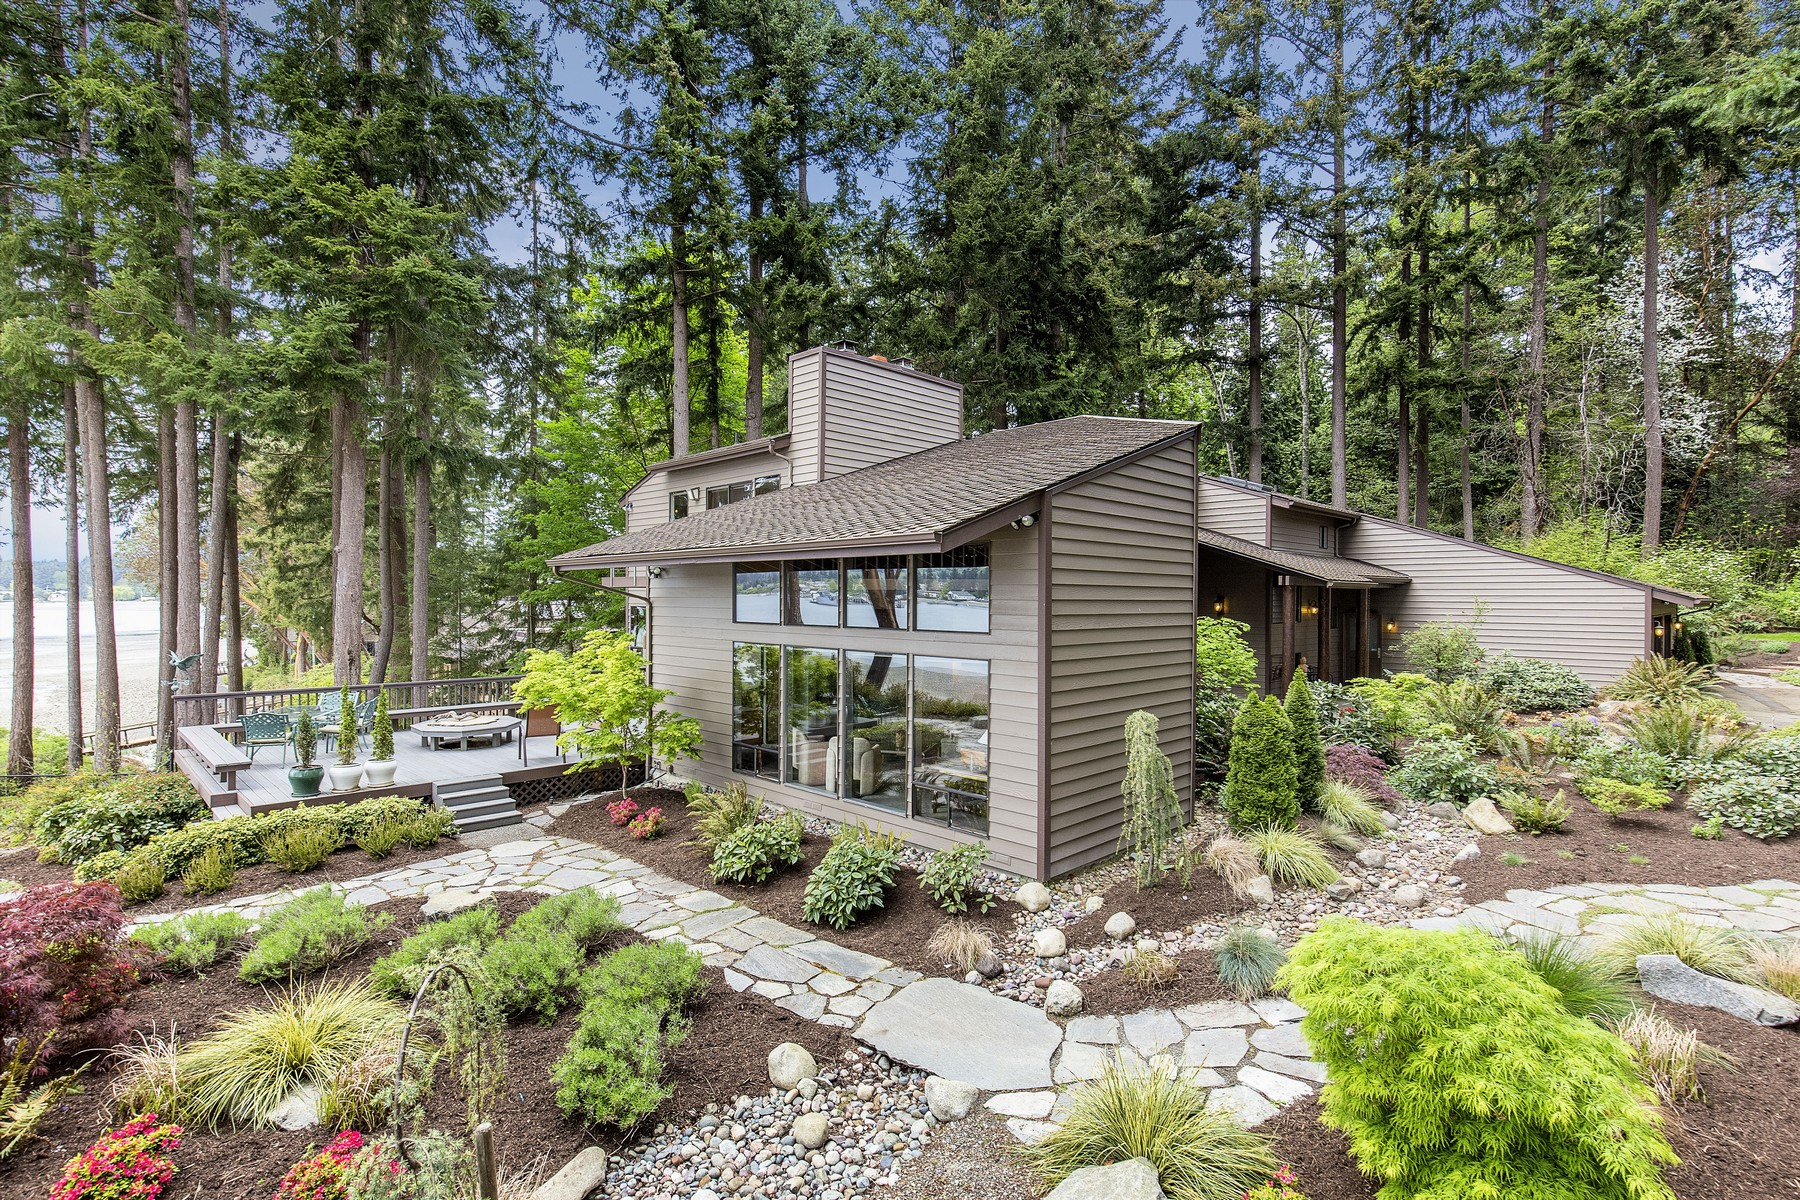 独户住宅 为 销售 在 NW Contemporary Waterfront 15985 Lemolo Shore Dr NE Poulsbo, 华盛顿州 98370 美国